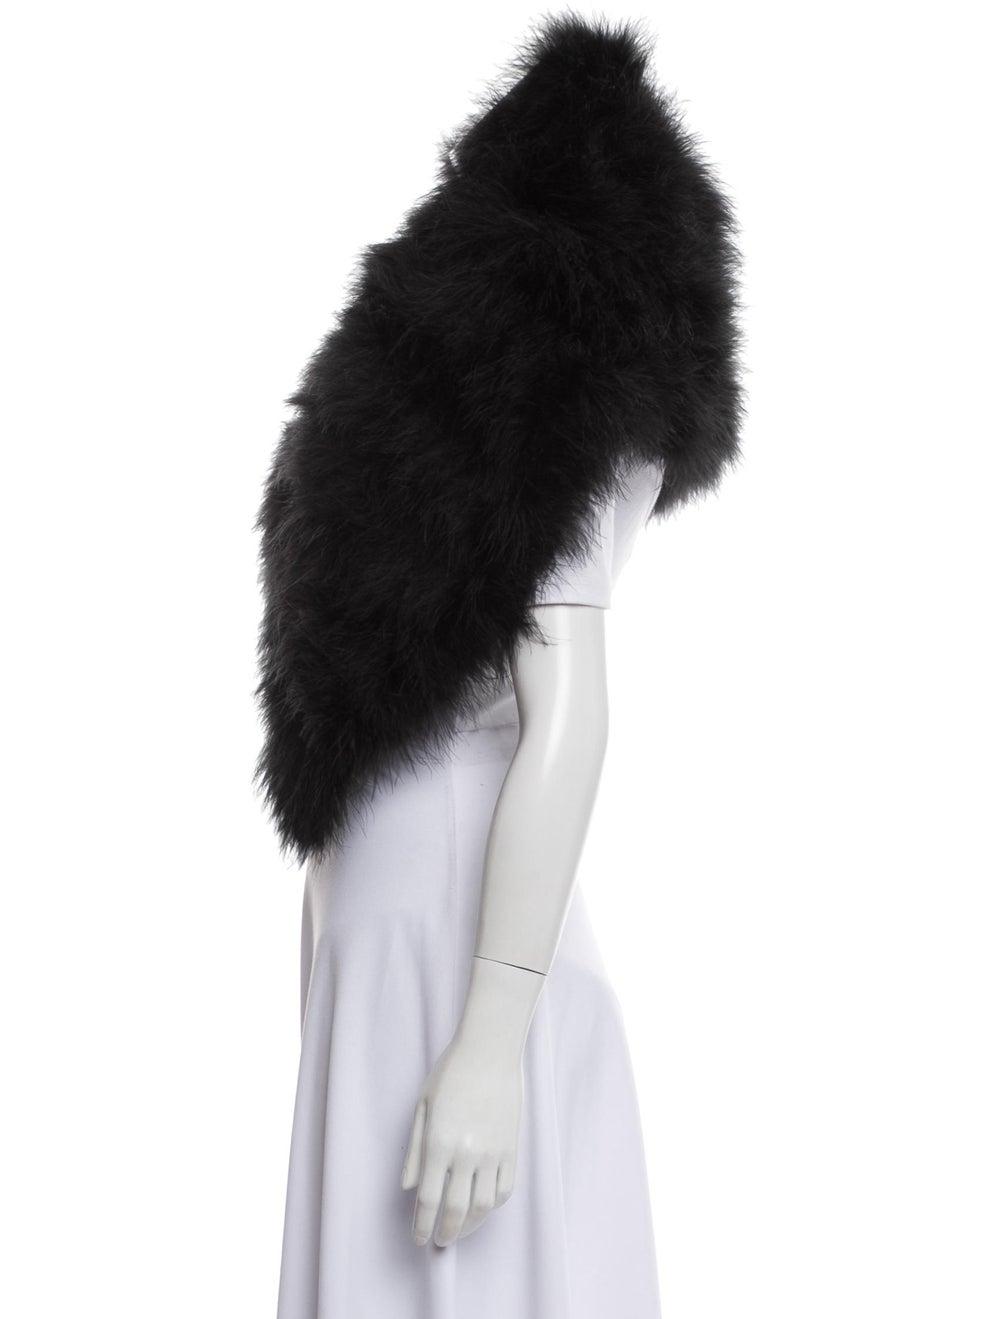 Annabelle Marabou Feather Shrug Black - image 2